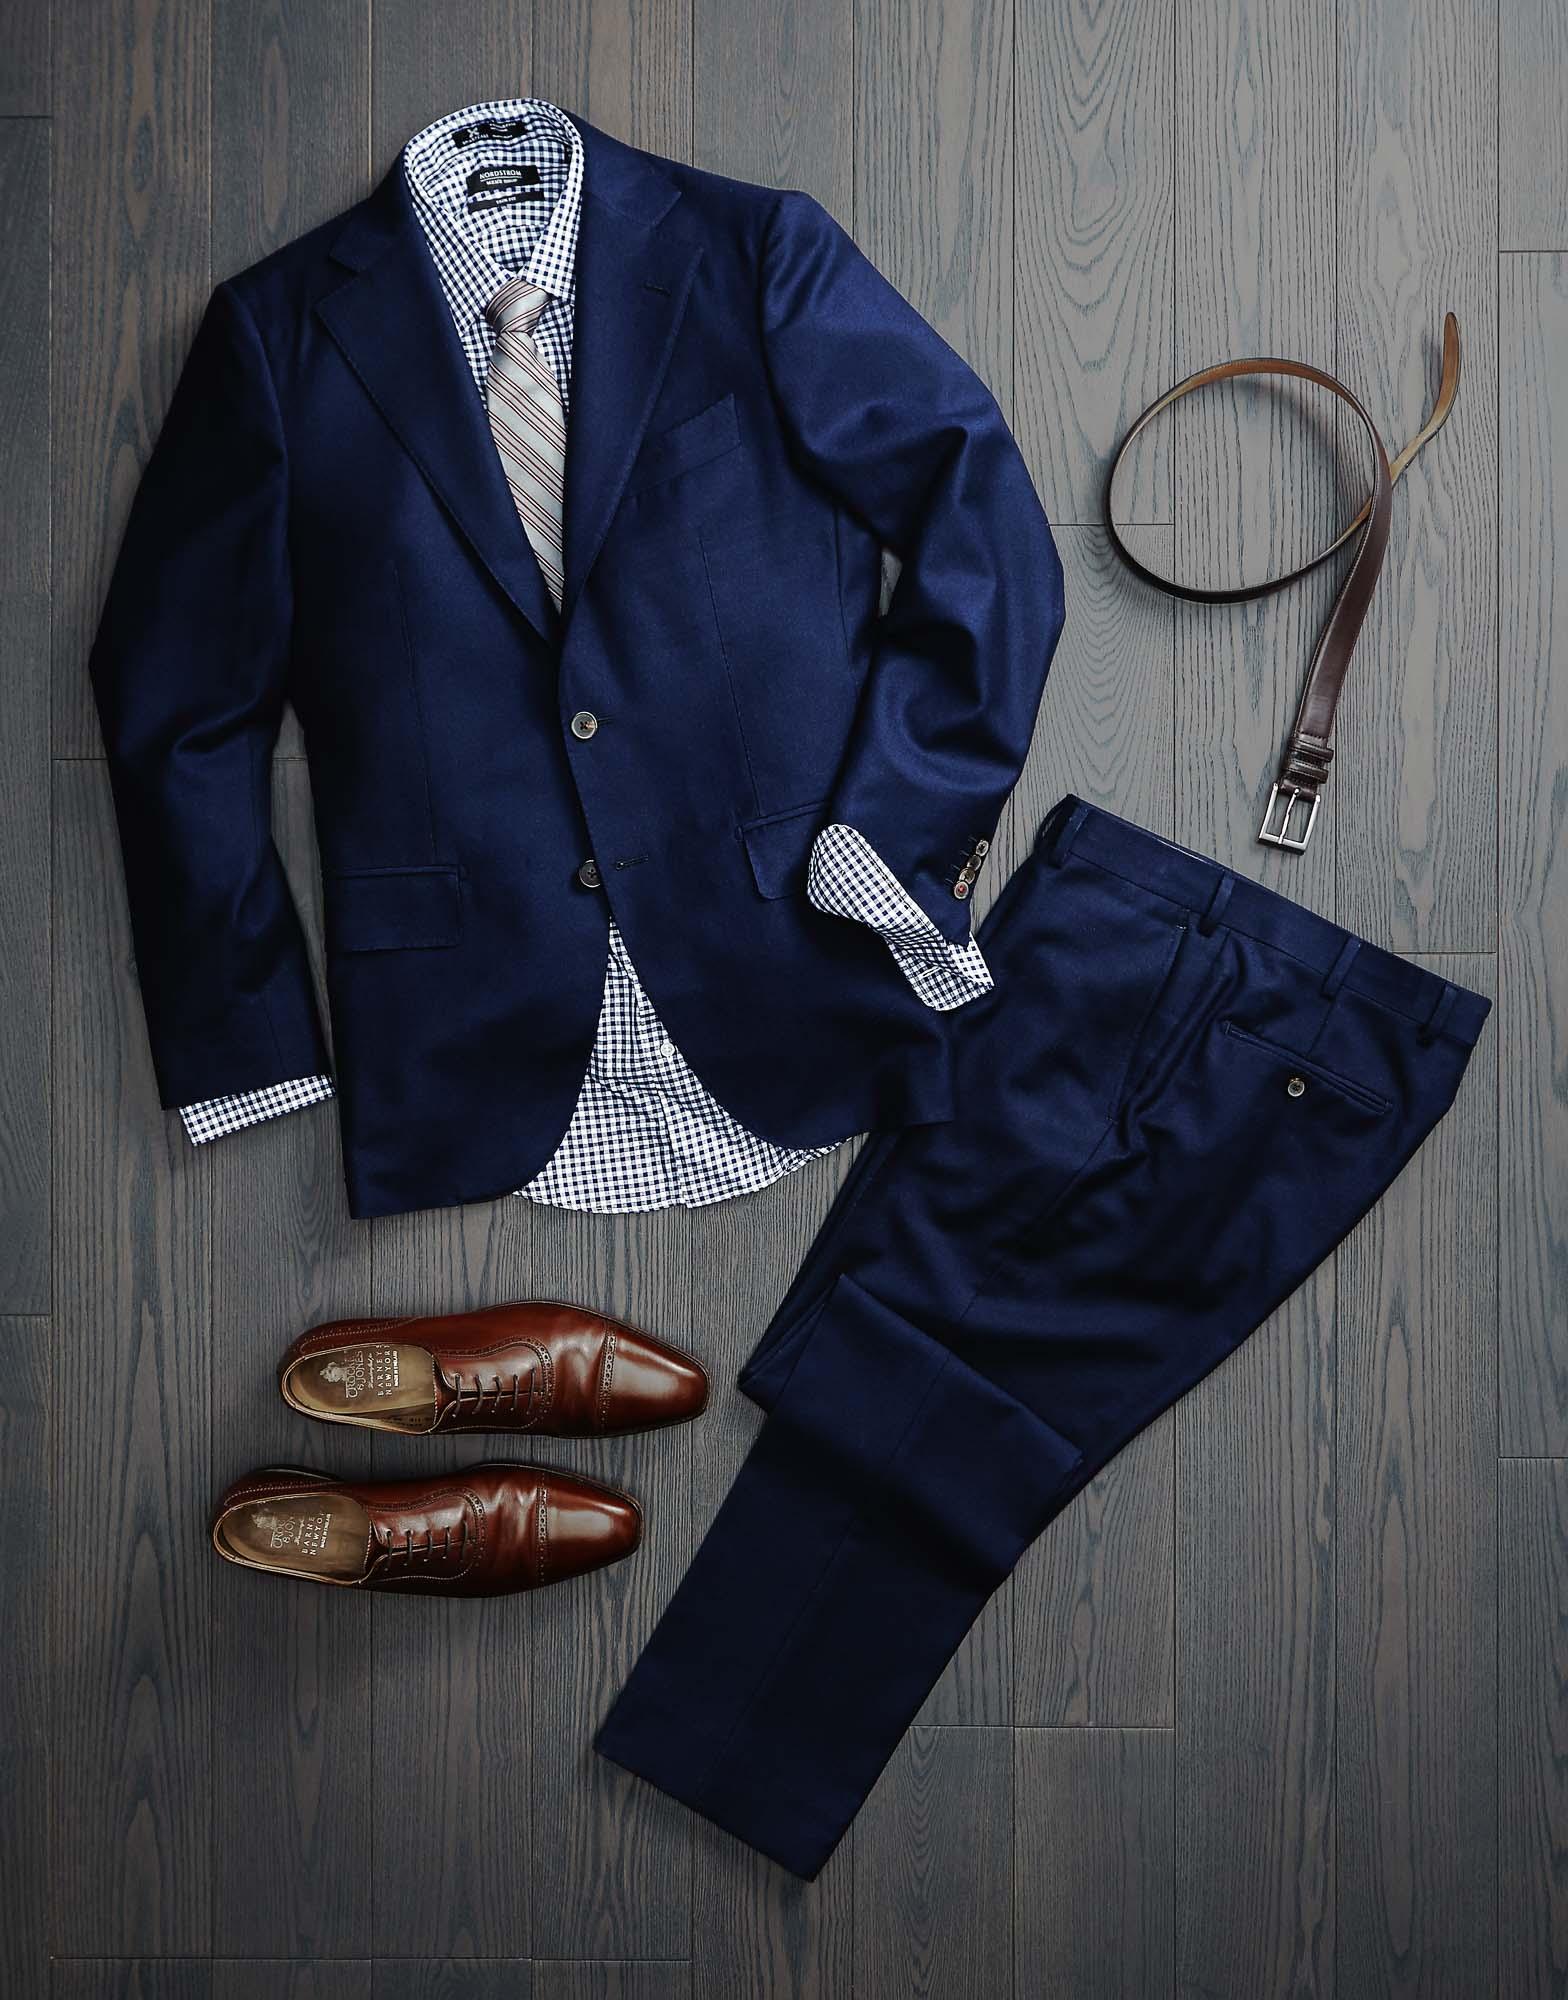 jackhunter_2014_JackHunter_Clothing.jpg